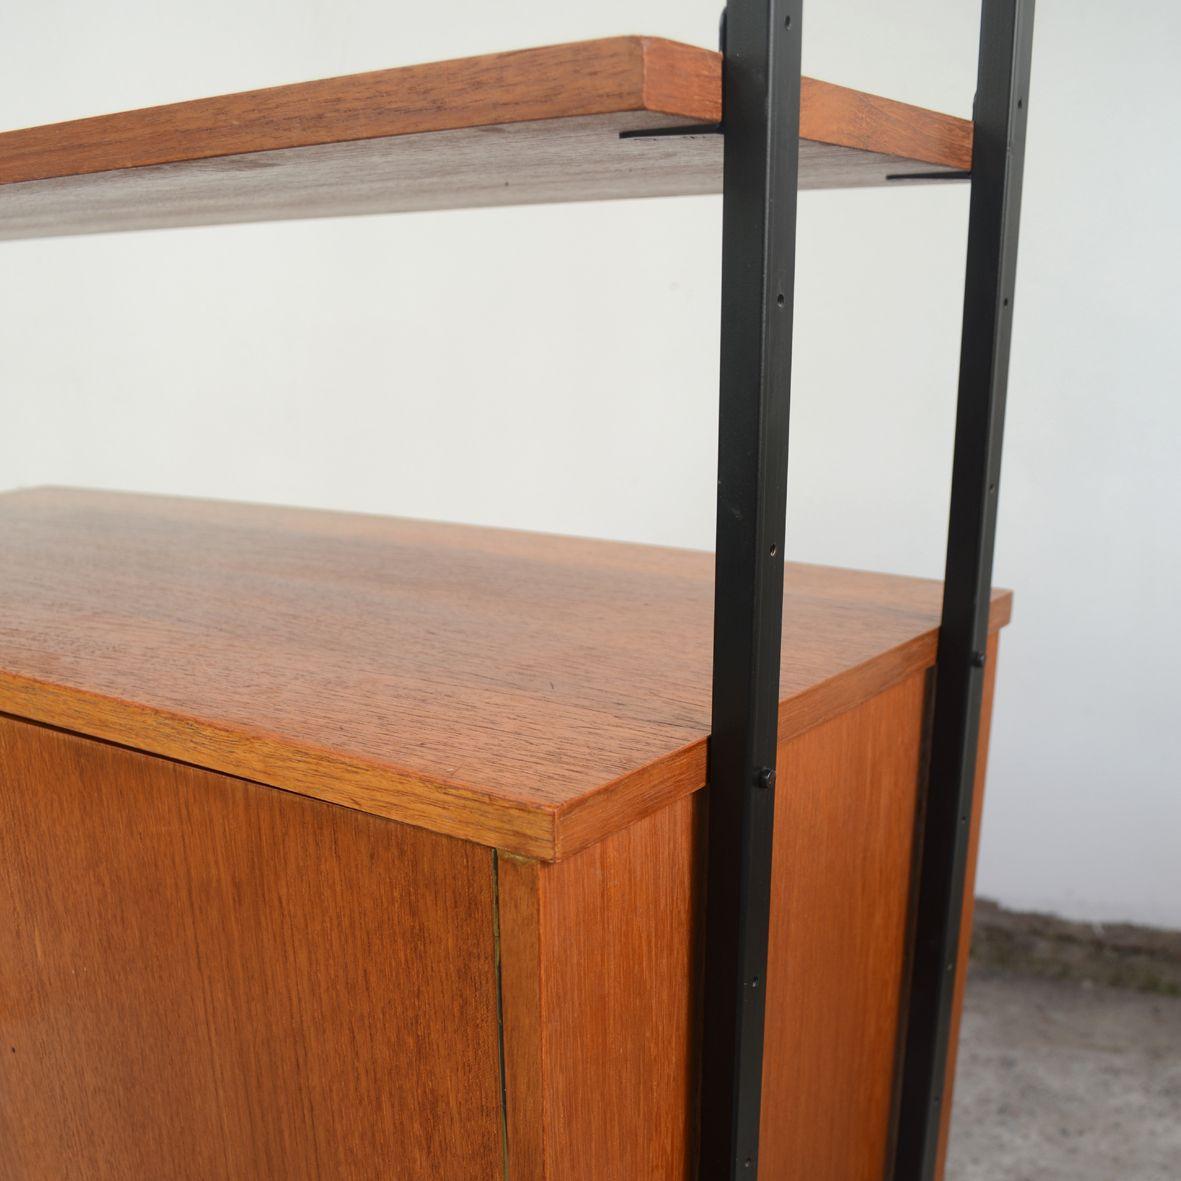 modulares mid century regal mit schrank bei pamono kaufen. Black Bedroom Furniture Sets. Home Design Ideas